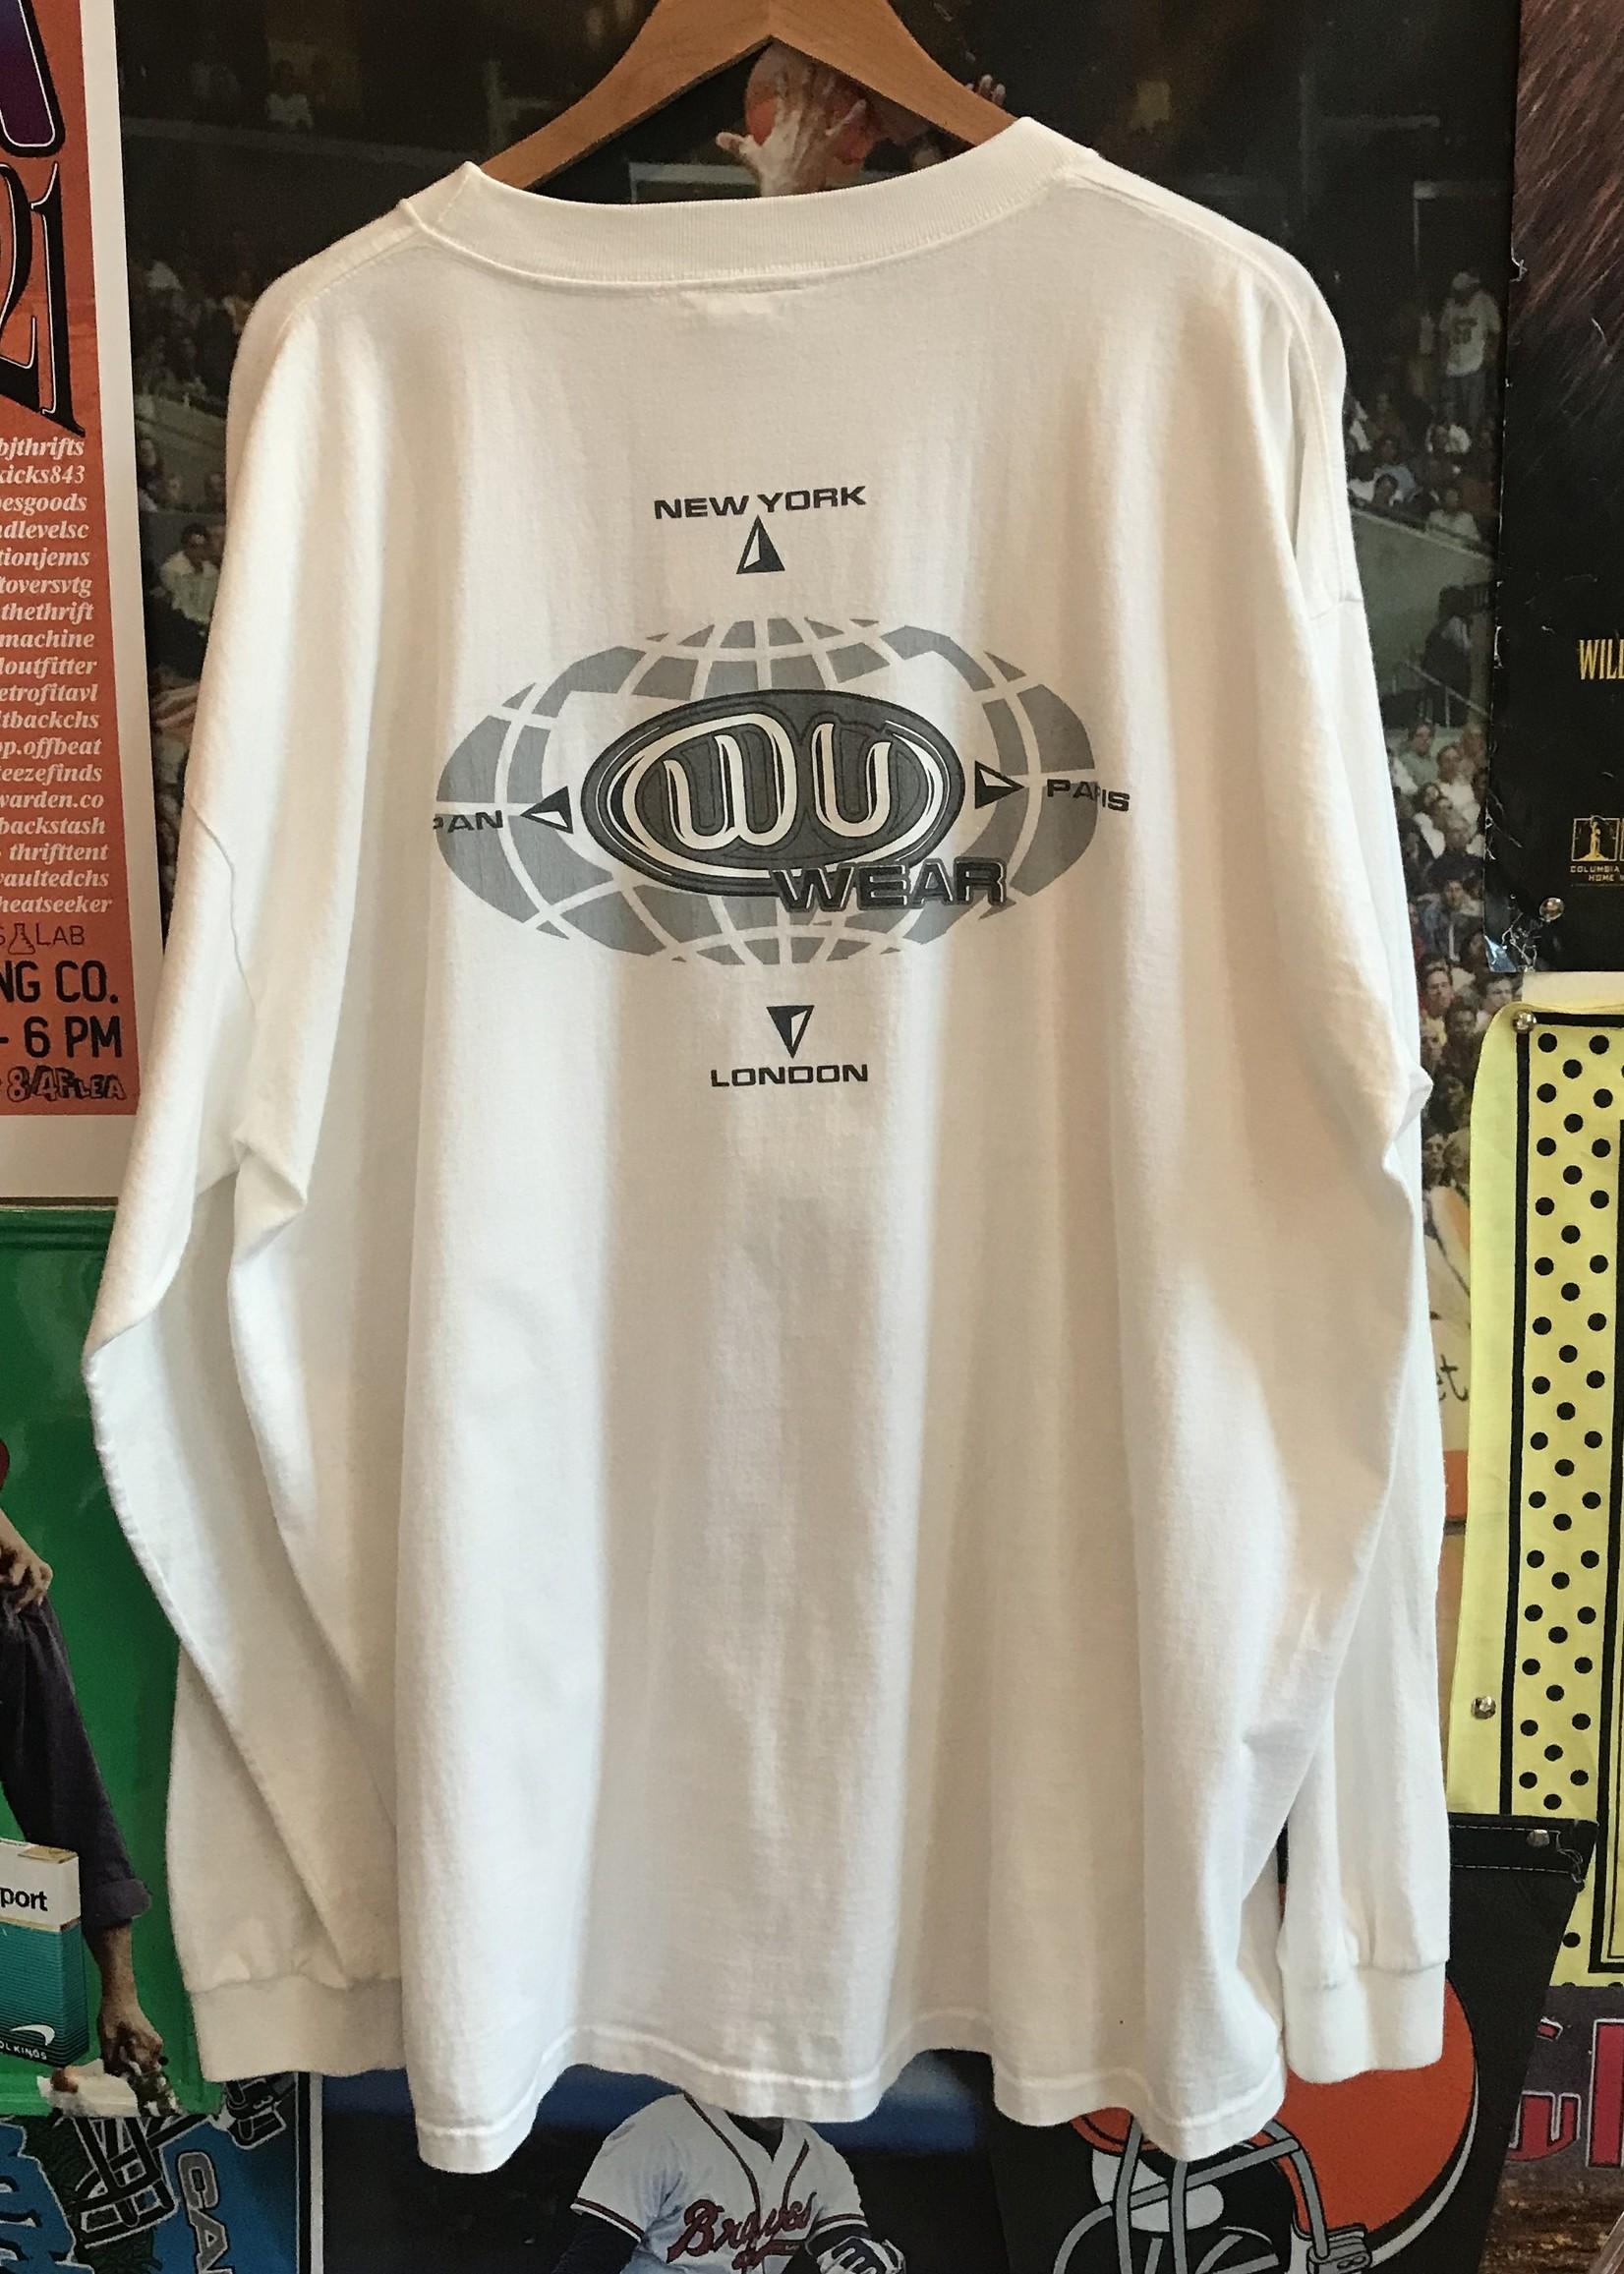 4901wu wear longsleeve white sz 2XL